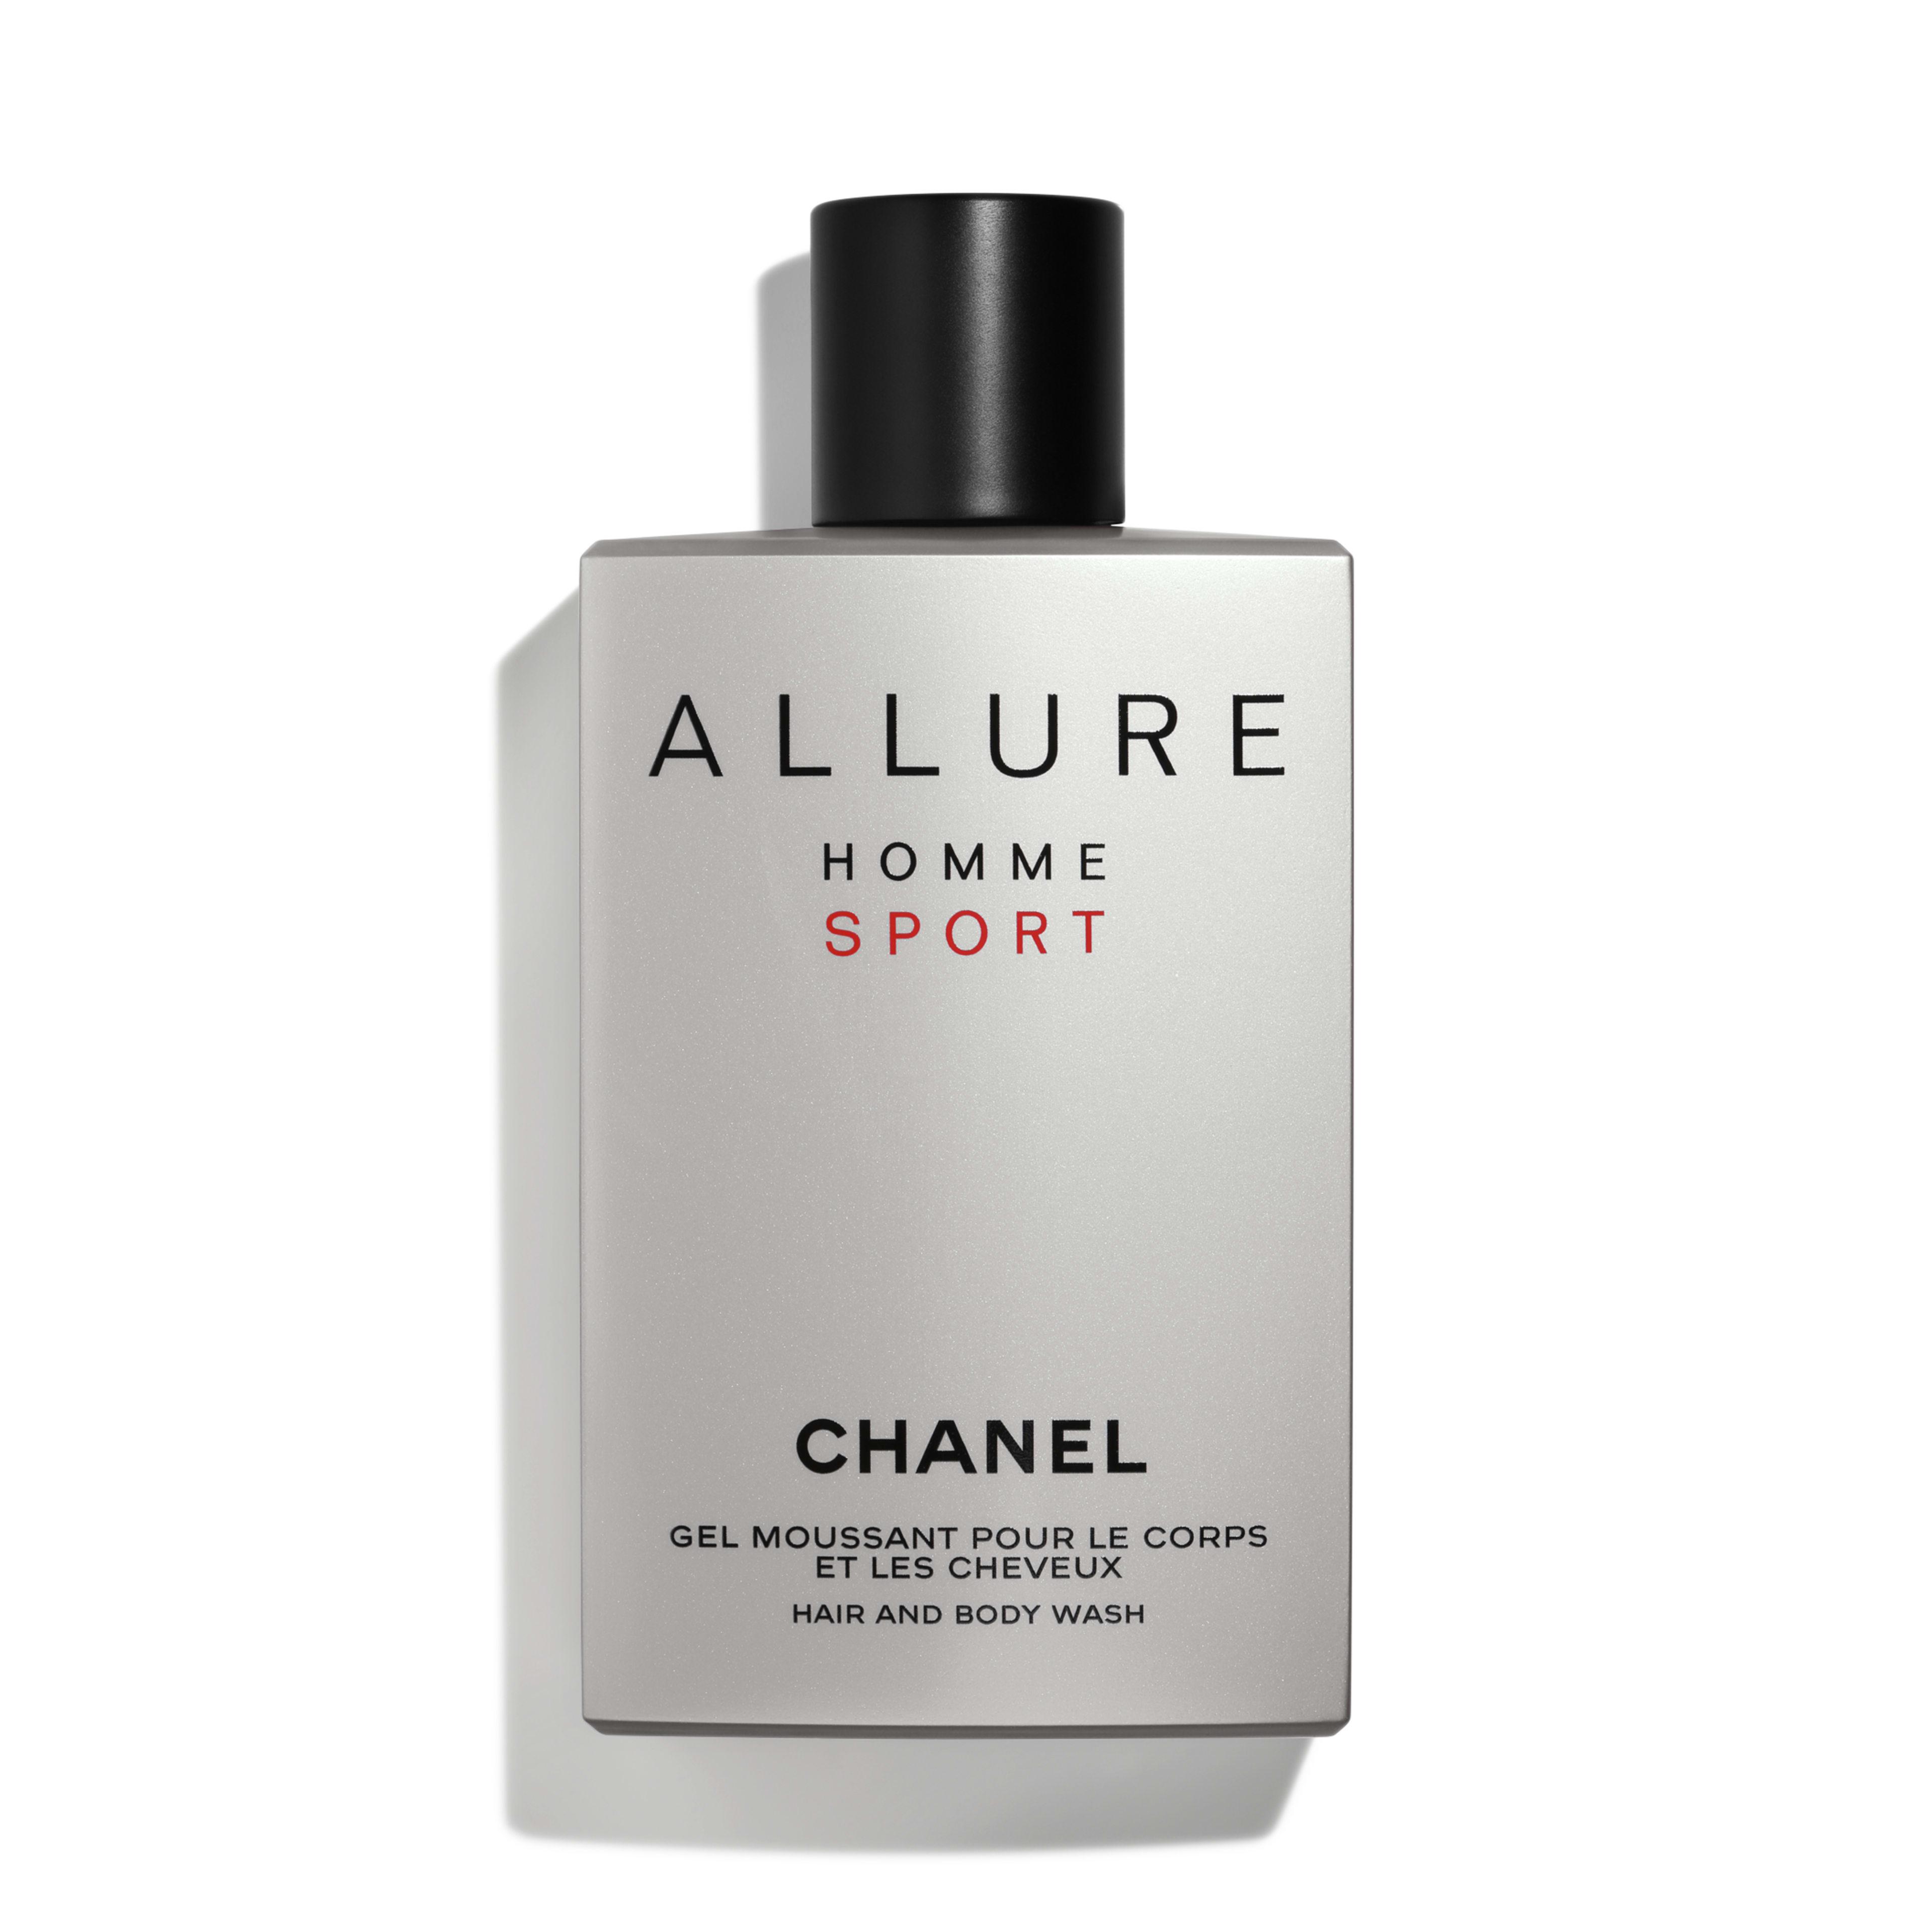 20c6cedcf ALLURE HOMME SPORT - fragrance - 6.8FL. OZ. - Default view